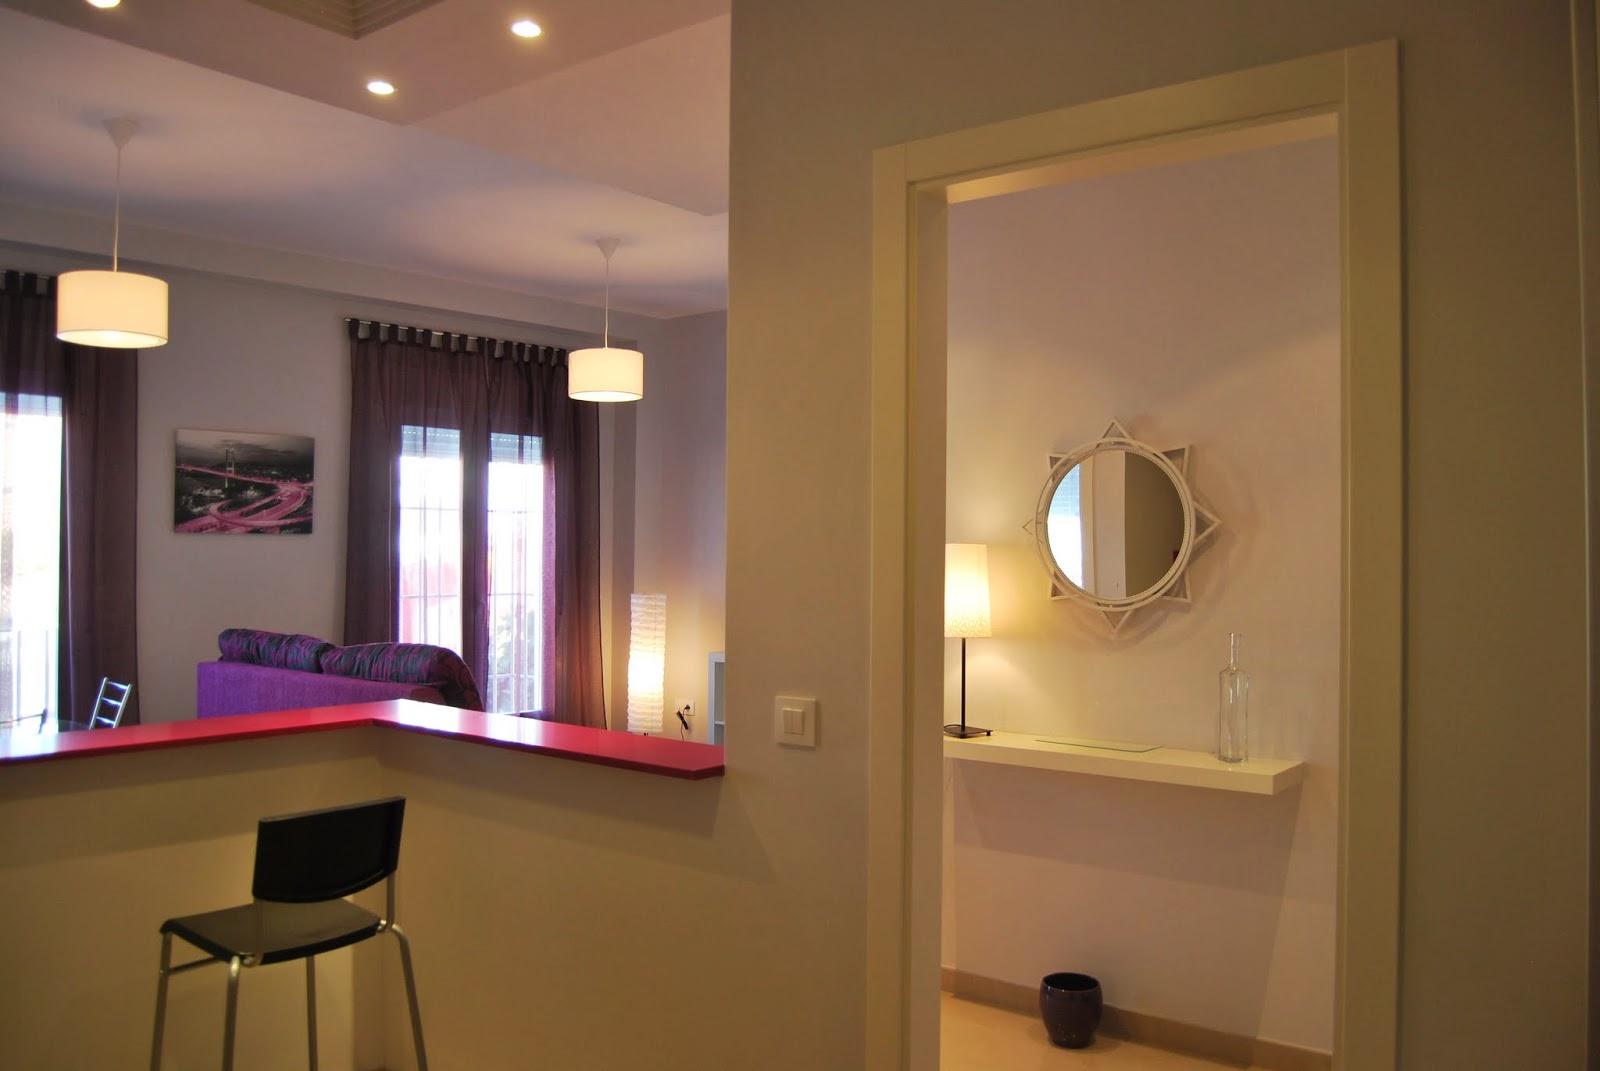 Alquiler pisos y apartamentos en estepa particular piso - Pisos en estepa ...